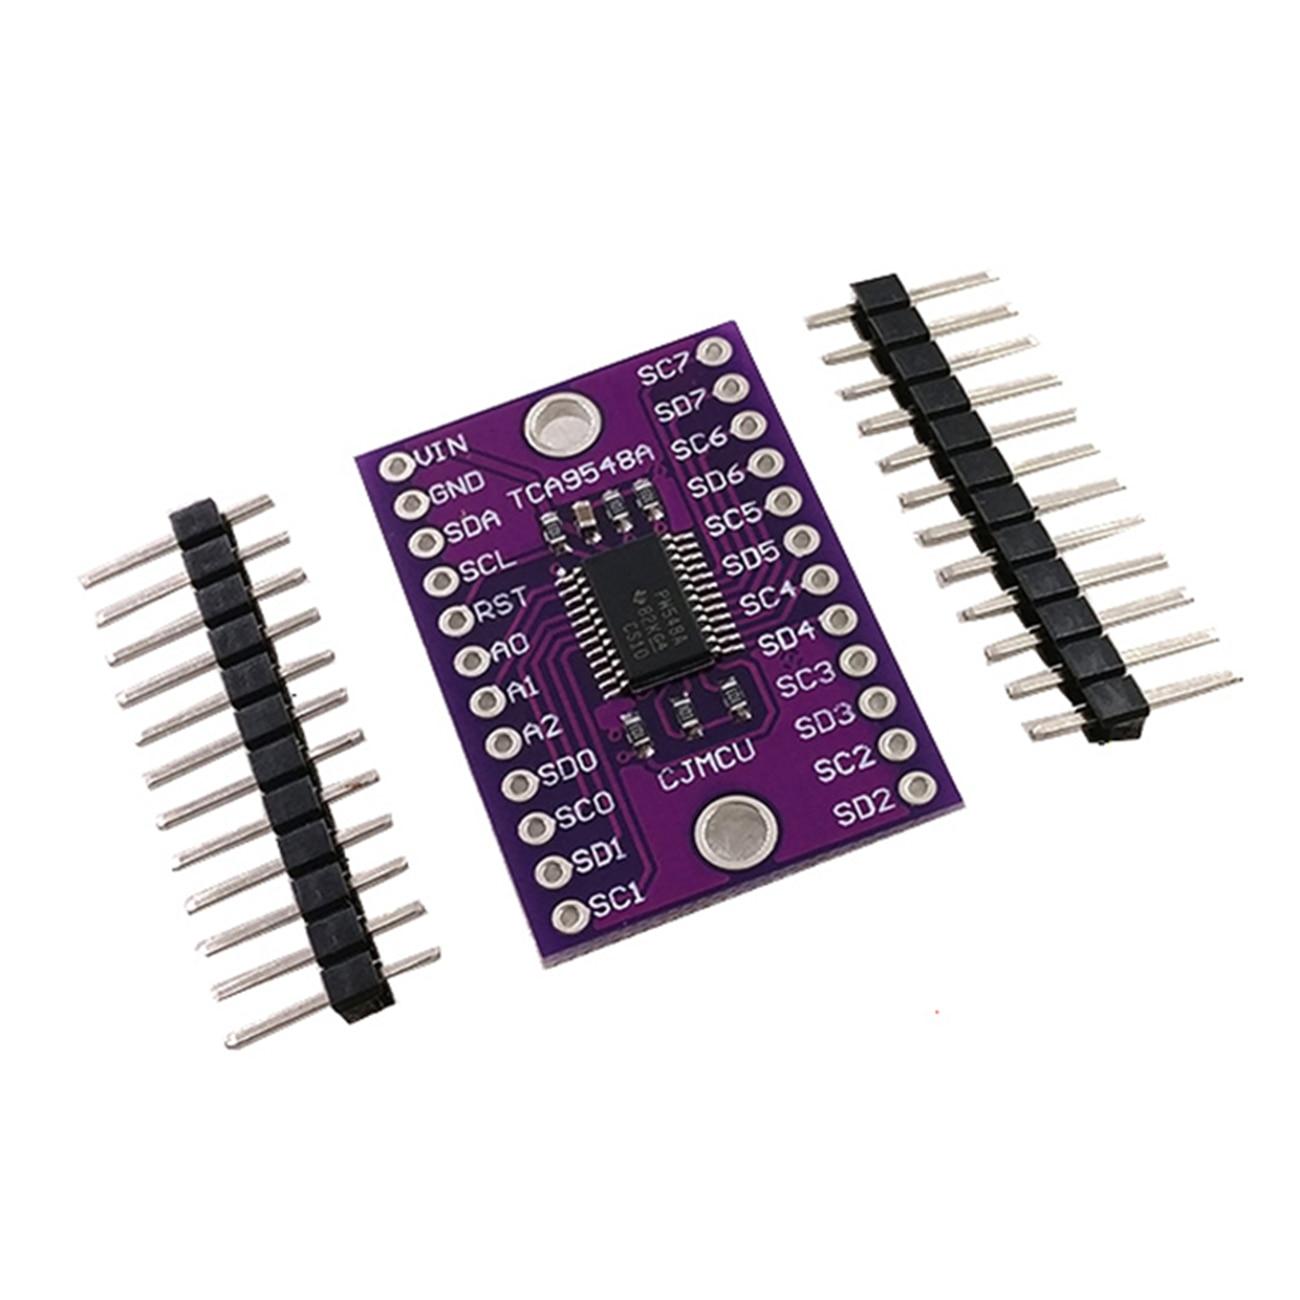 CJMCU- 9548 TCA9548 TCA9548A 1-to-8 I2C 8-forma multi-canal de Placa de lespace expansé de Desenvolvimento do módulo